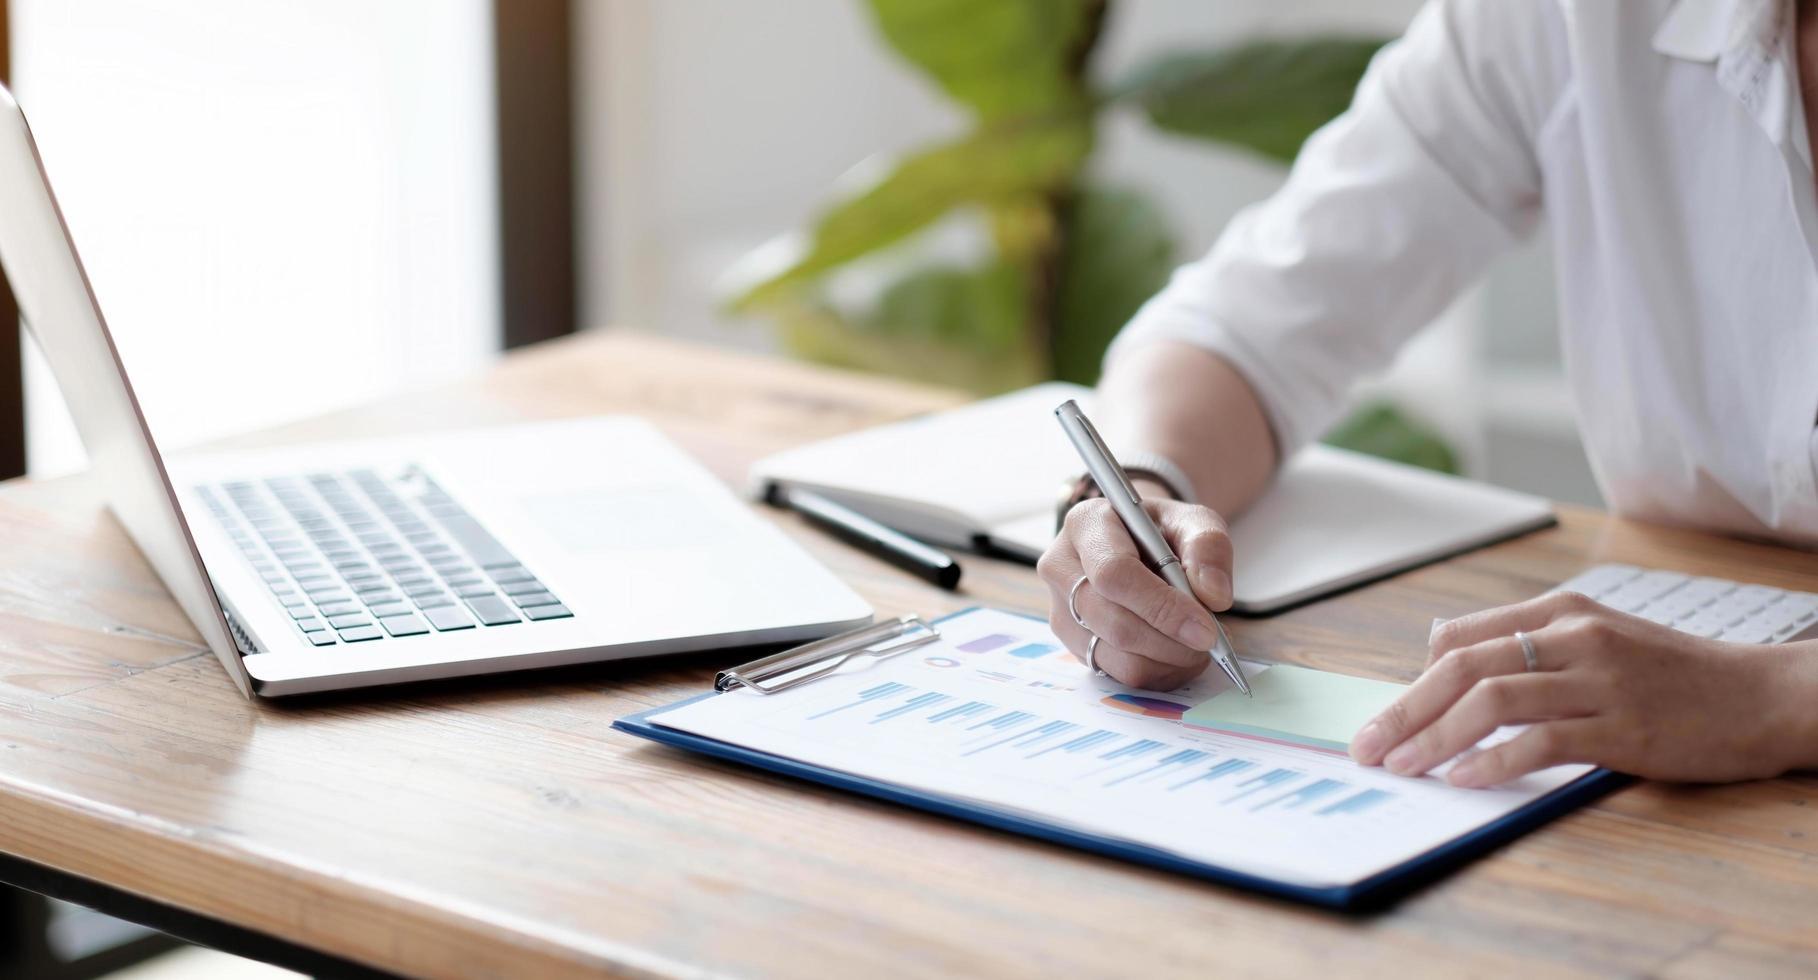 gros plan, un comptable ou un propriétaire d'entreprise écrit sur des notes autocollantes, prend des notes sur des notes de publication, travaille sur des rapports financiers et calcule les budgets de l'entreprise photo